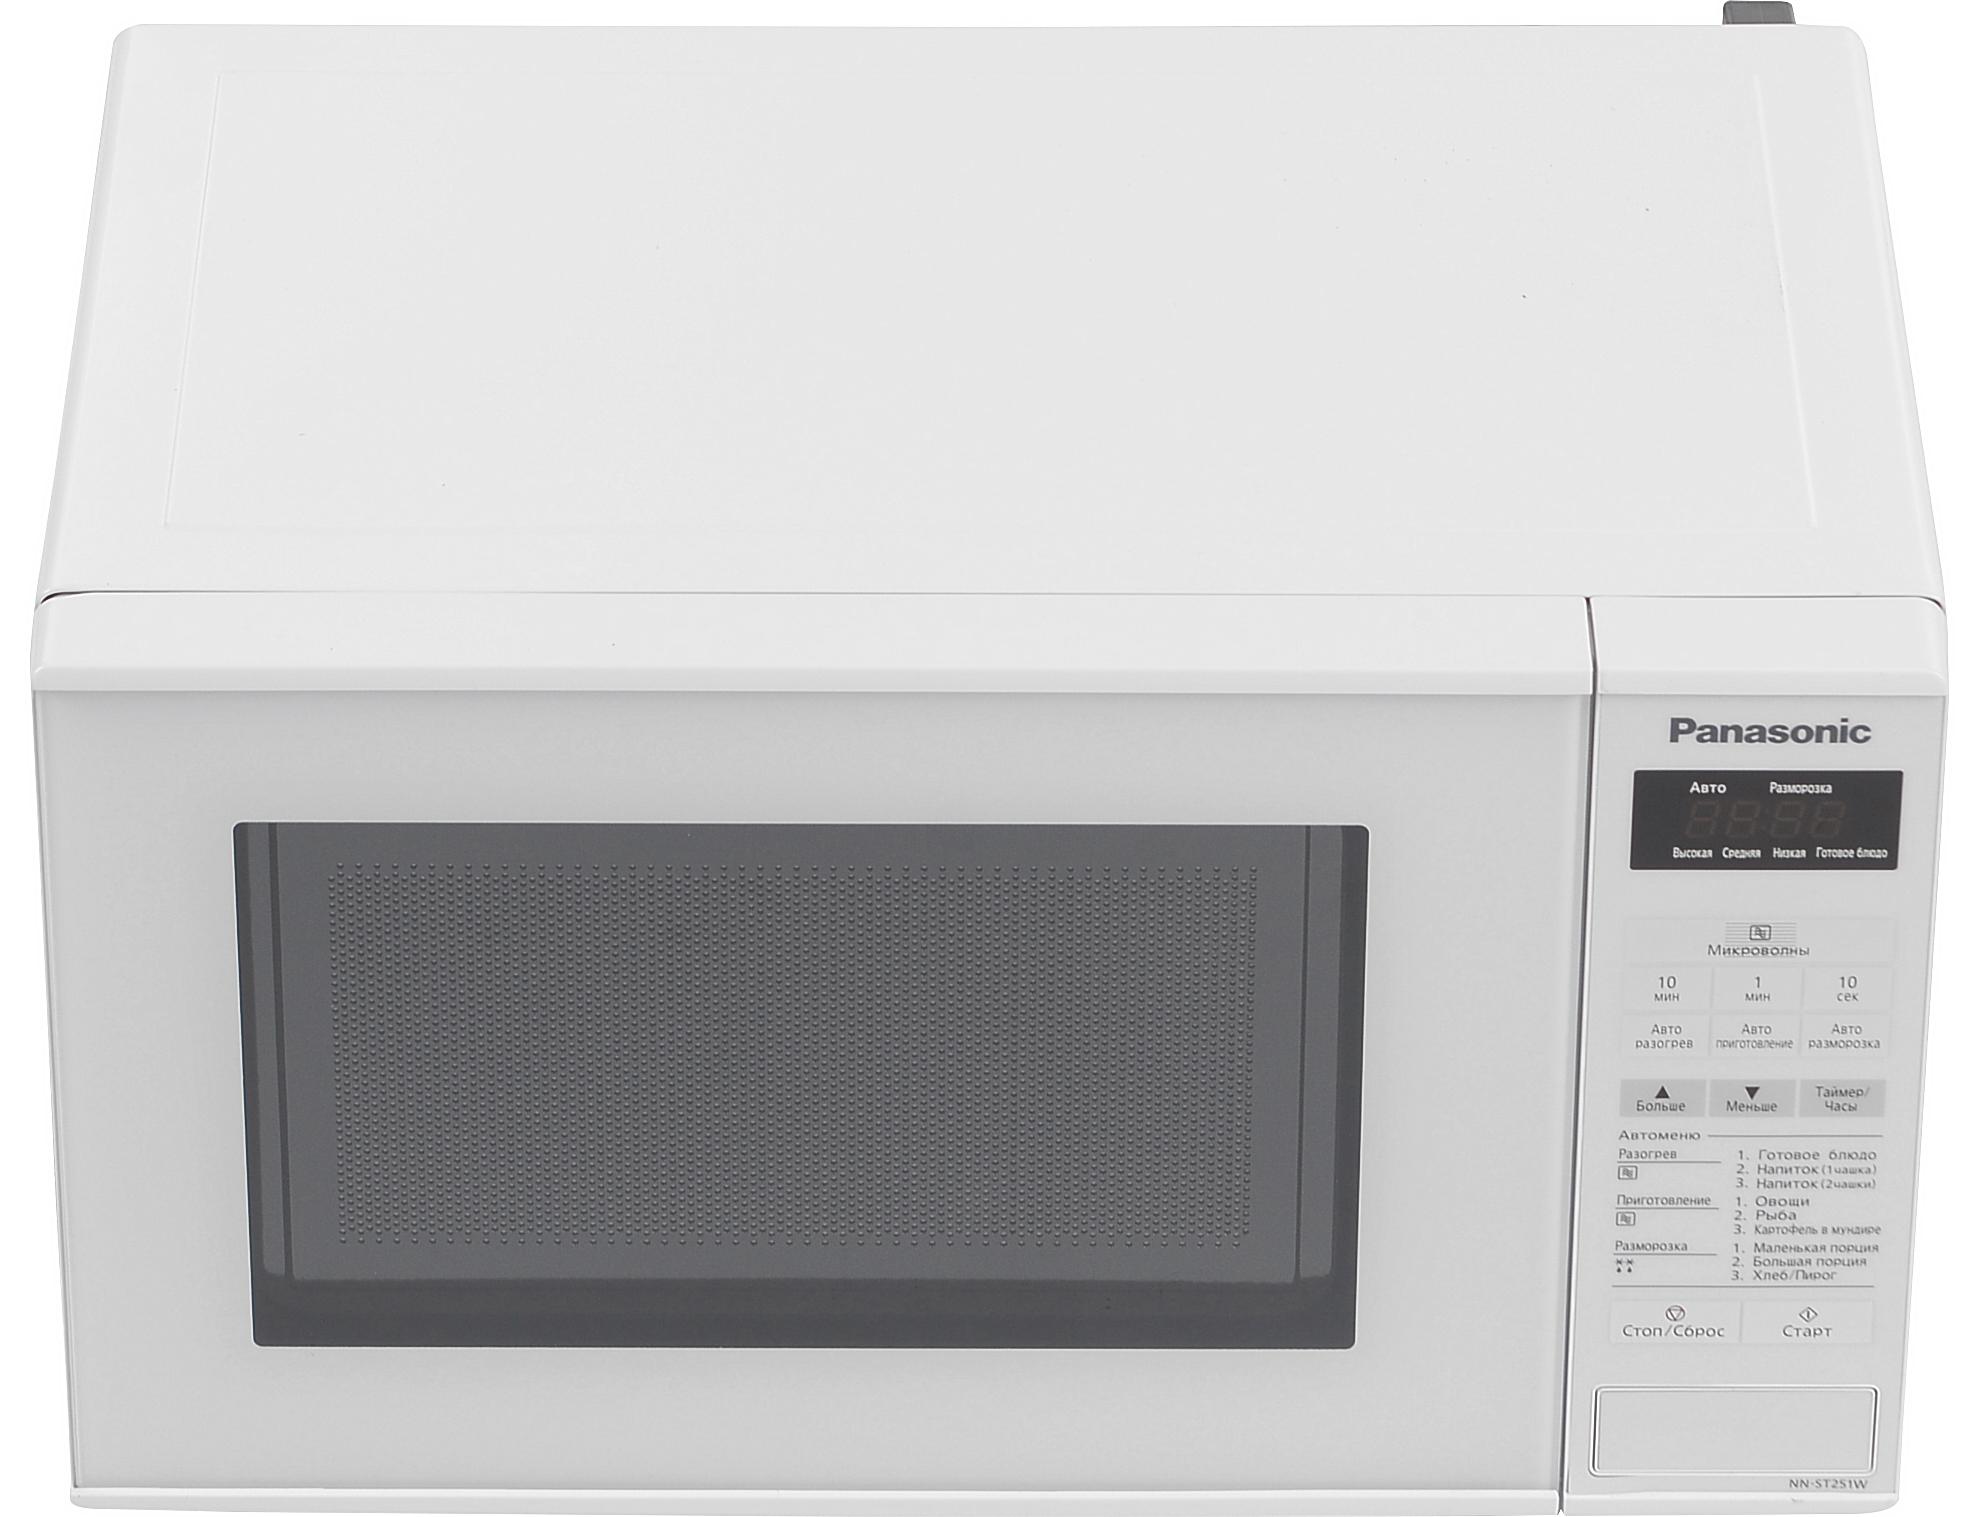 микроволновая печь Panasonic Nn St251wzpe отзывы